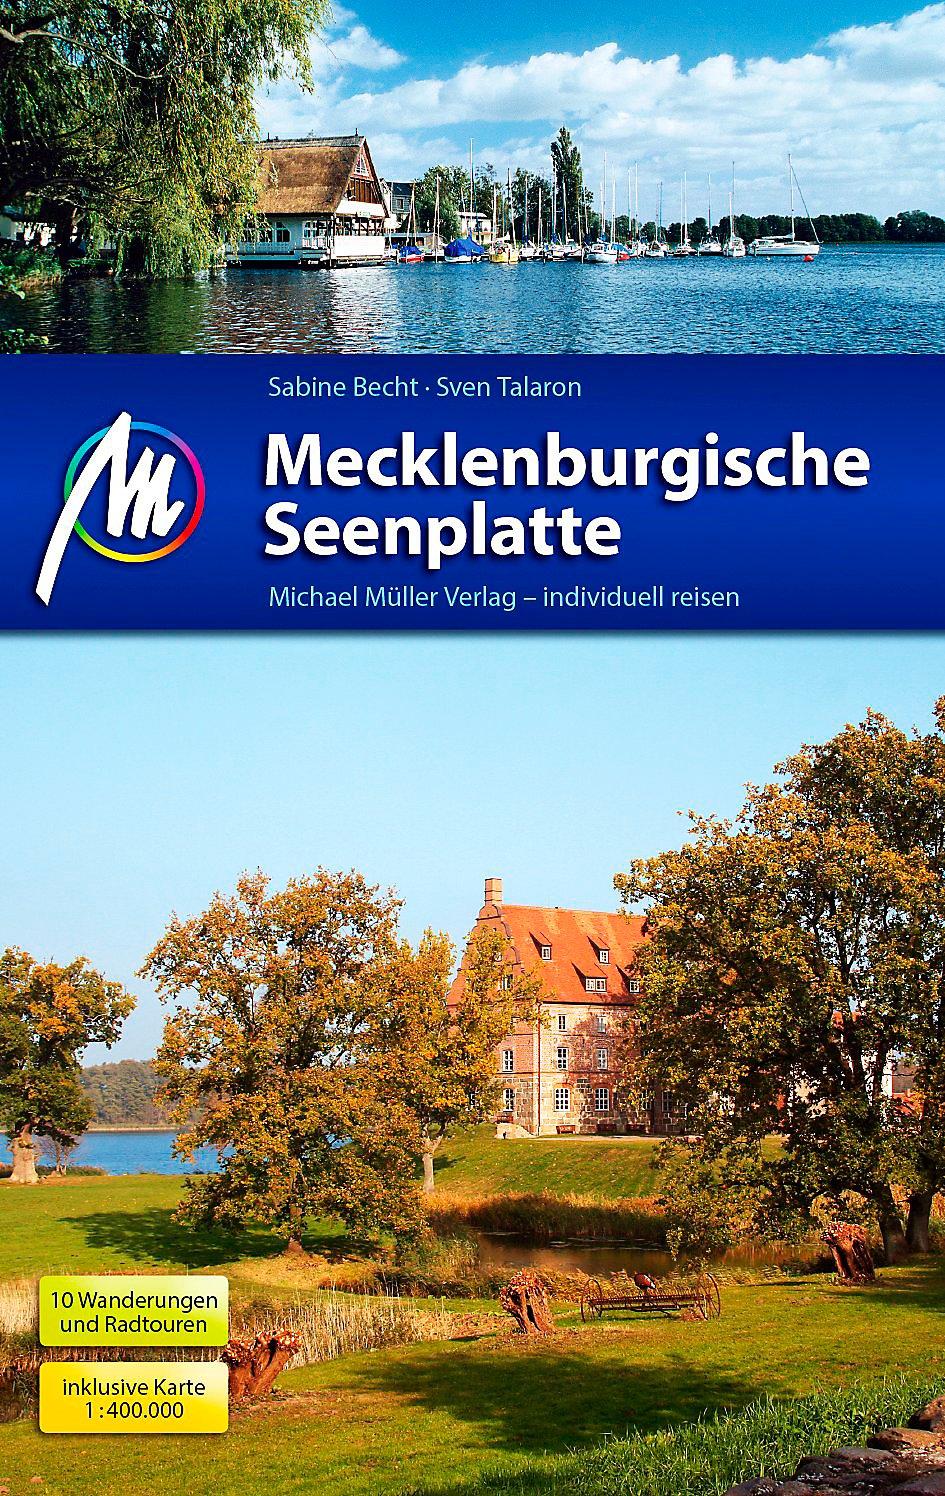 Mecklenburgische Seenplatte Karte Pdf.Mecklenburgische Seenplatte Mit Karte Buch Weltbild Ch